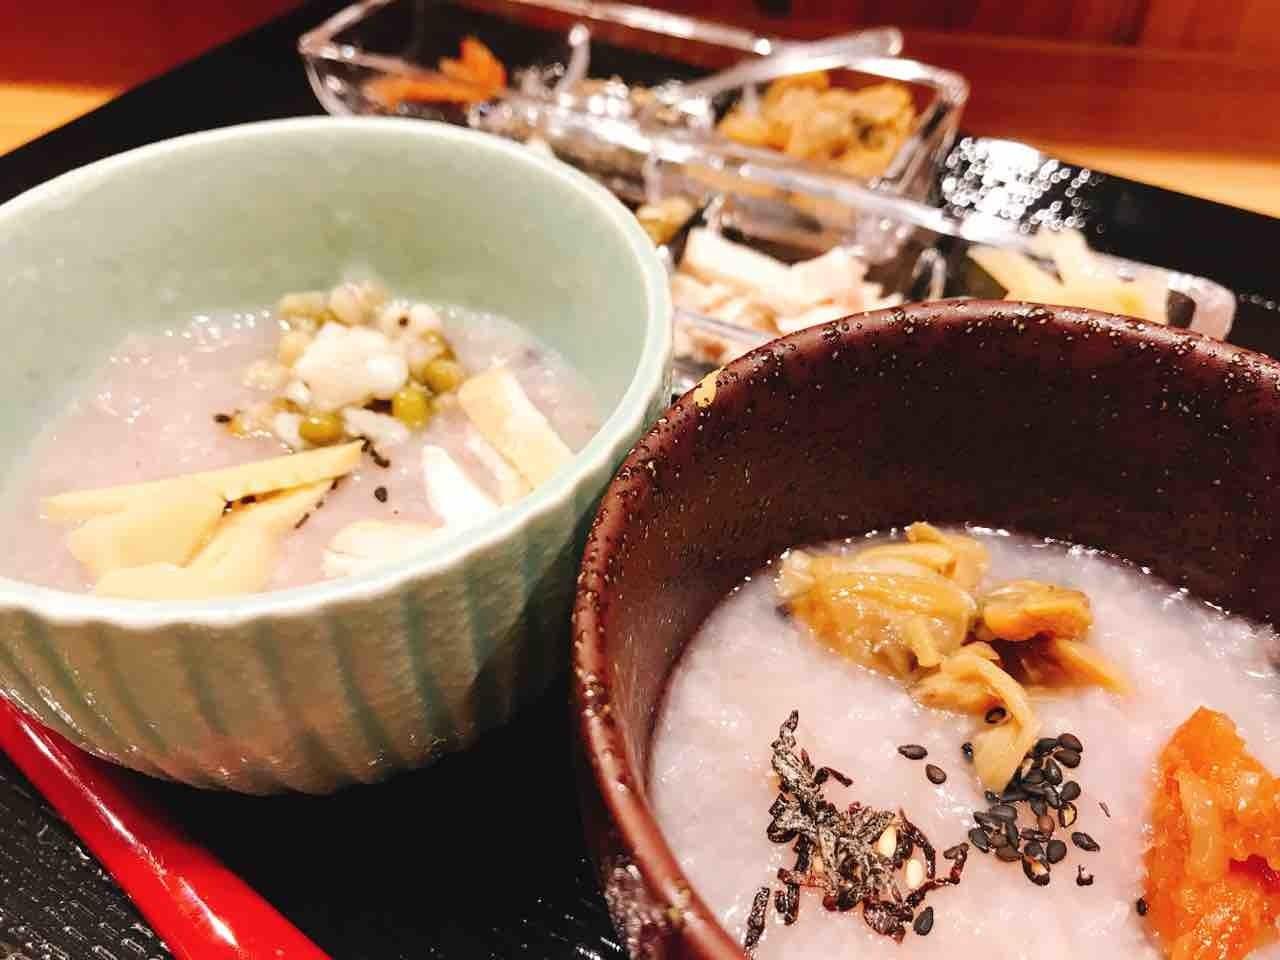 池田のりこ先生の「西洋医学と漢方と薬膳のお話」薬膳粥ランチ付きセミナー♪